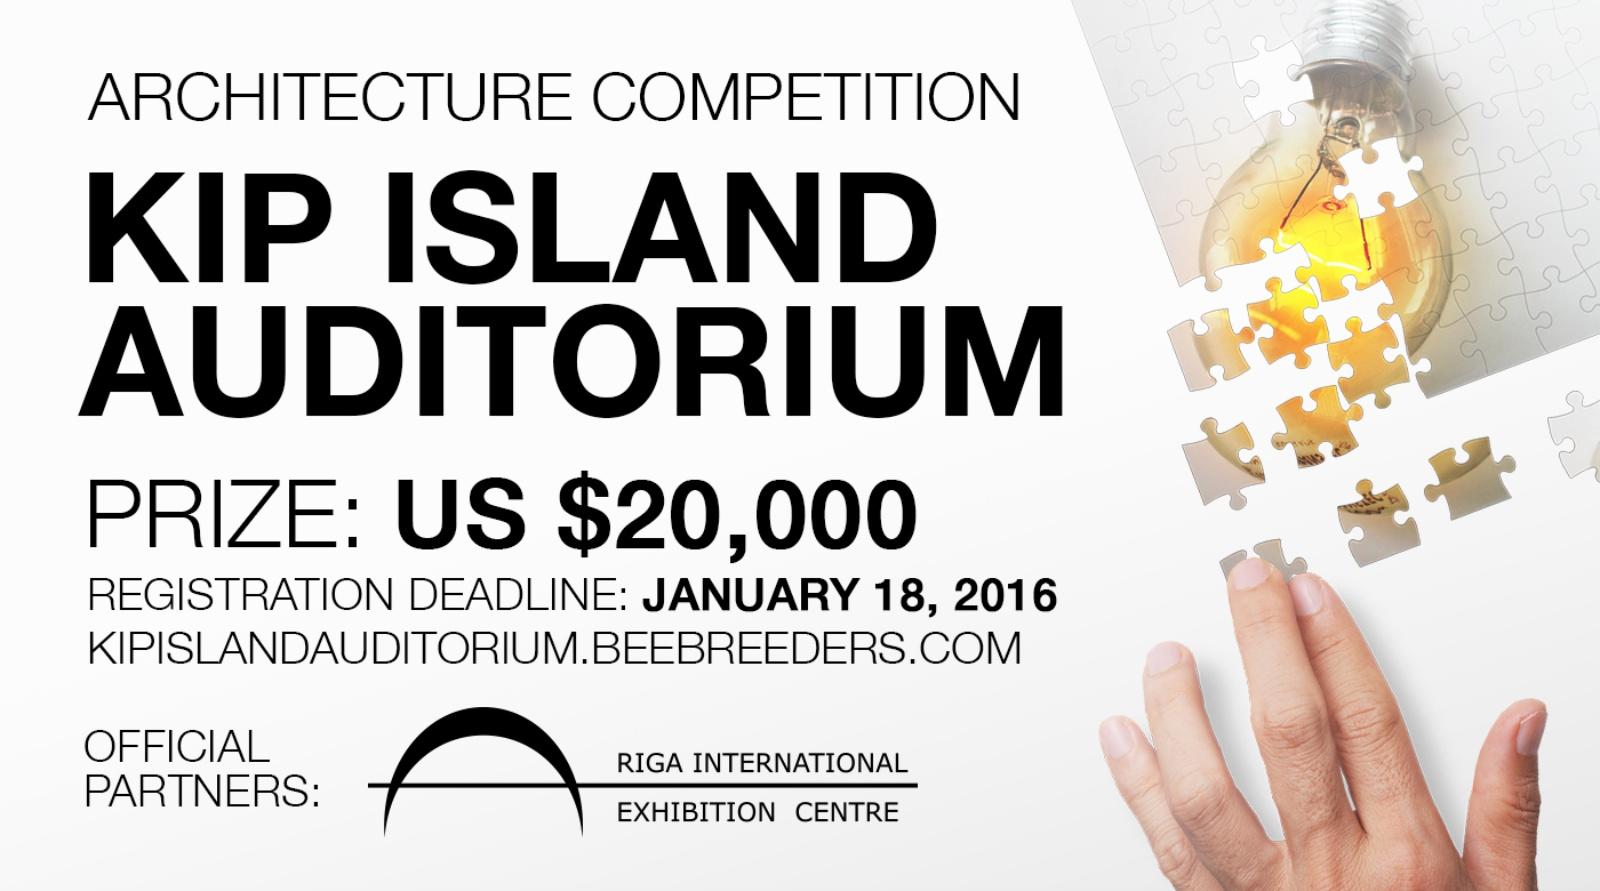 Kip Island Auditorium Architecture Competition